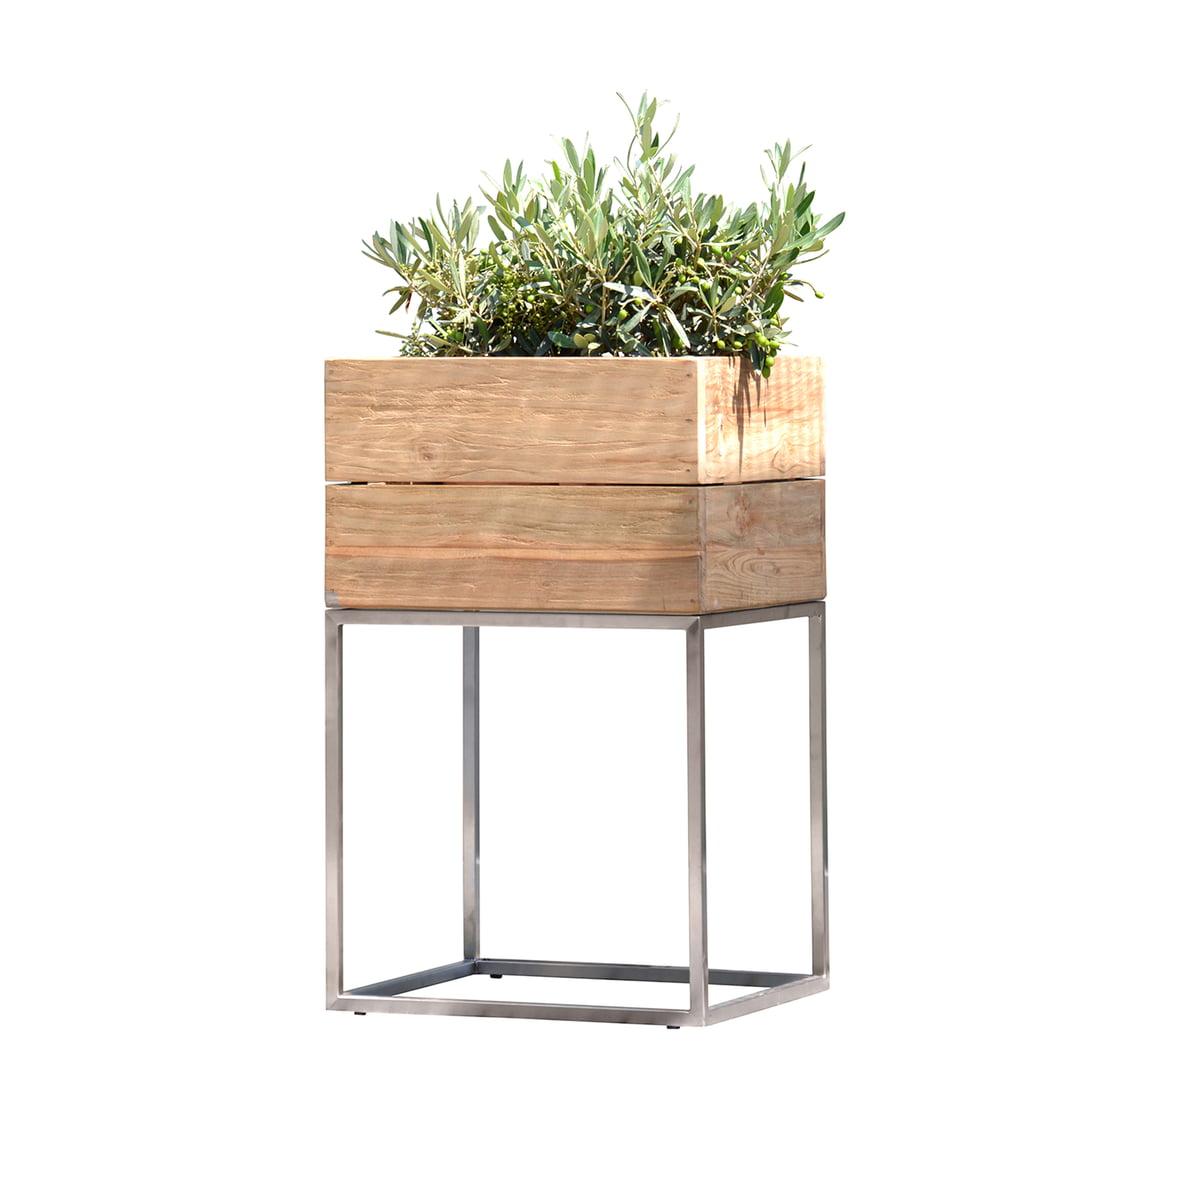 blumenk bel minigarden von jan kurtz kaufen. Black Bedroom Furniture Sets. Home Design Ideas